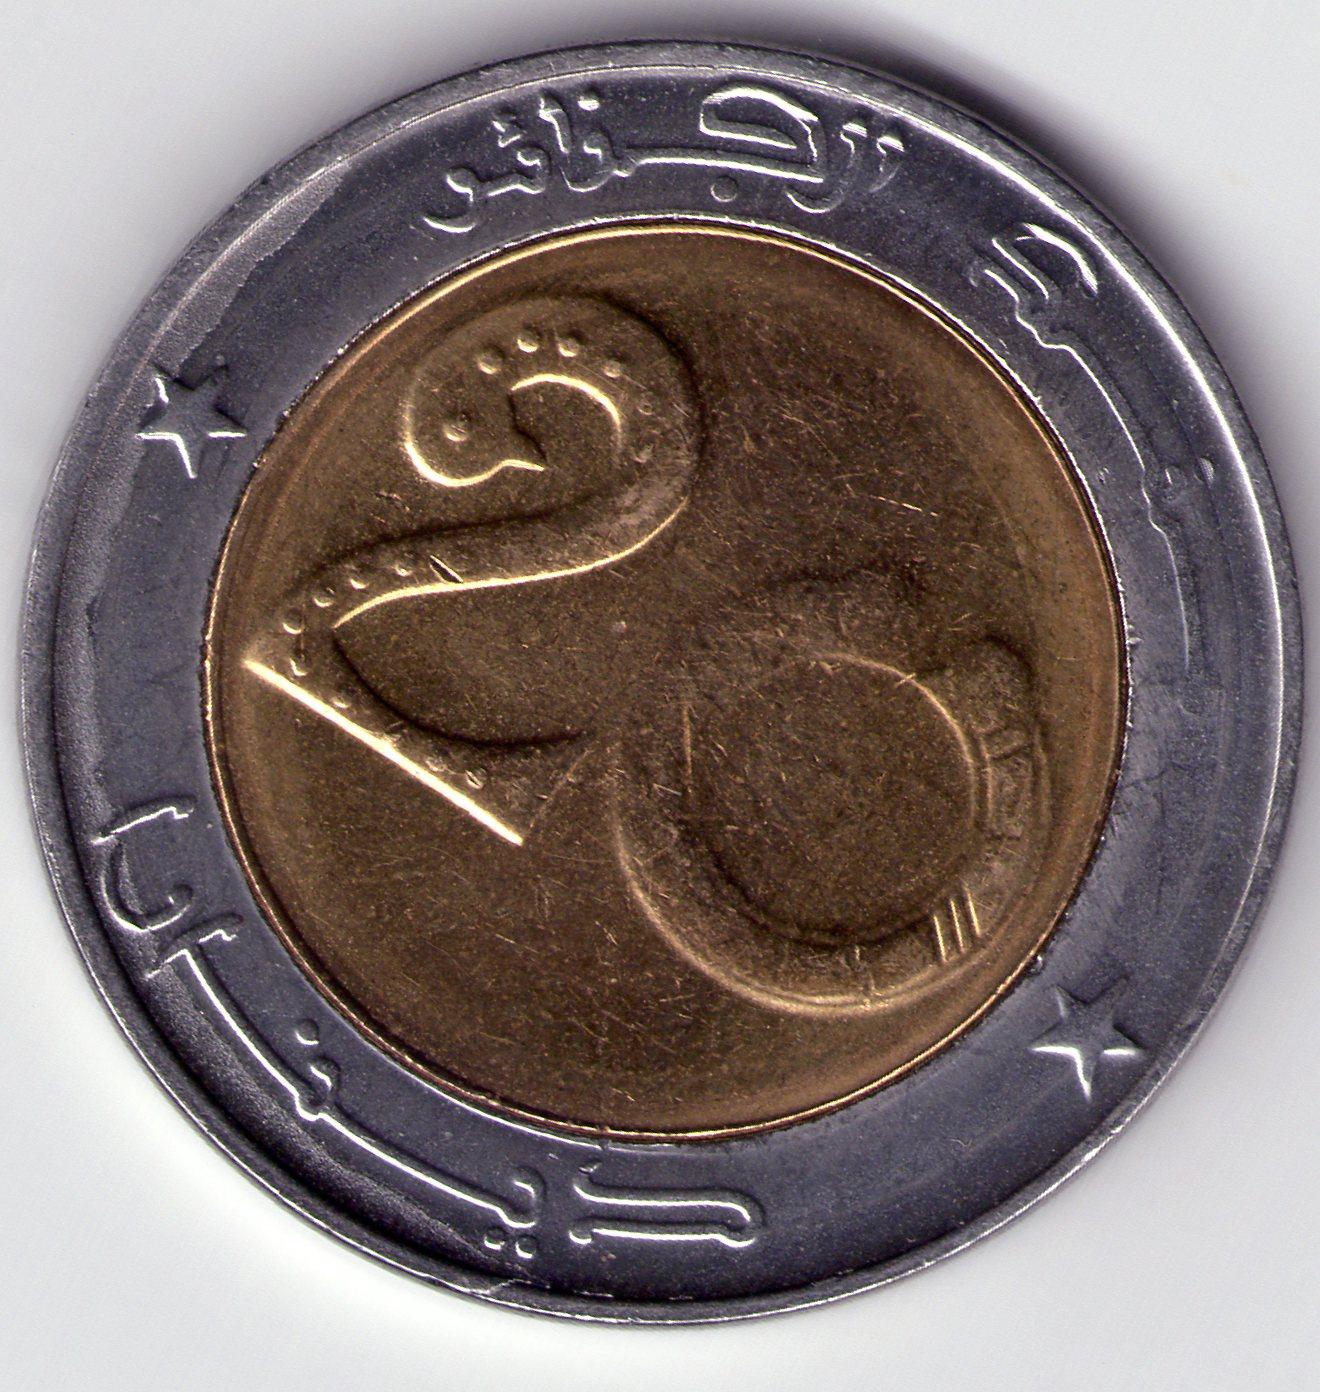 Tableau Pièces de Monnaies RADP: janvier 2012 - Page 8 160215025112659325